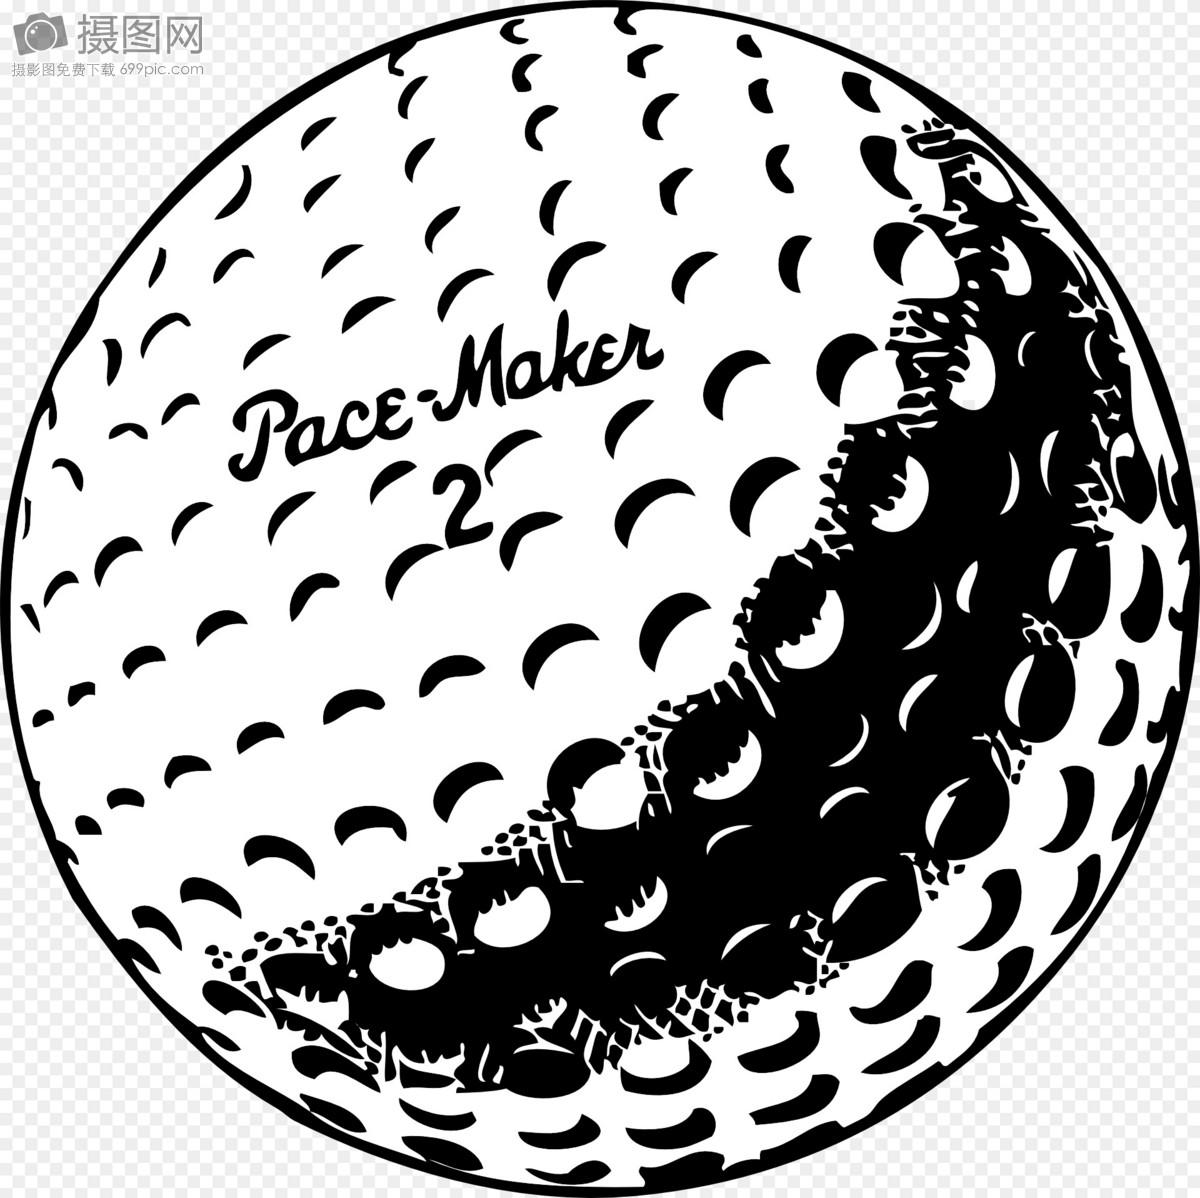 黑白相间的高尔夫球